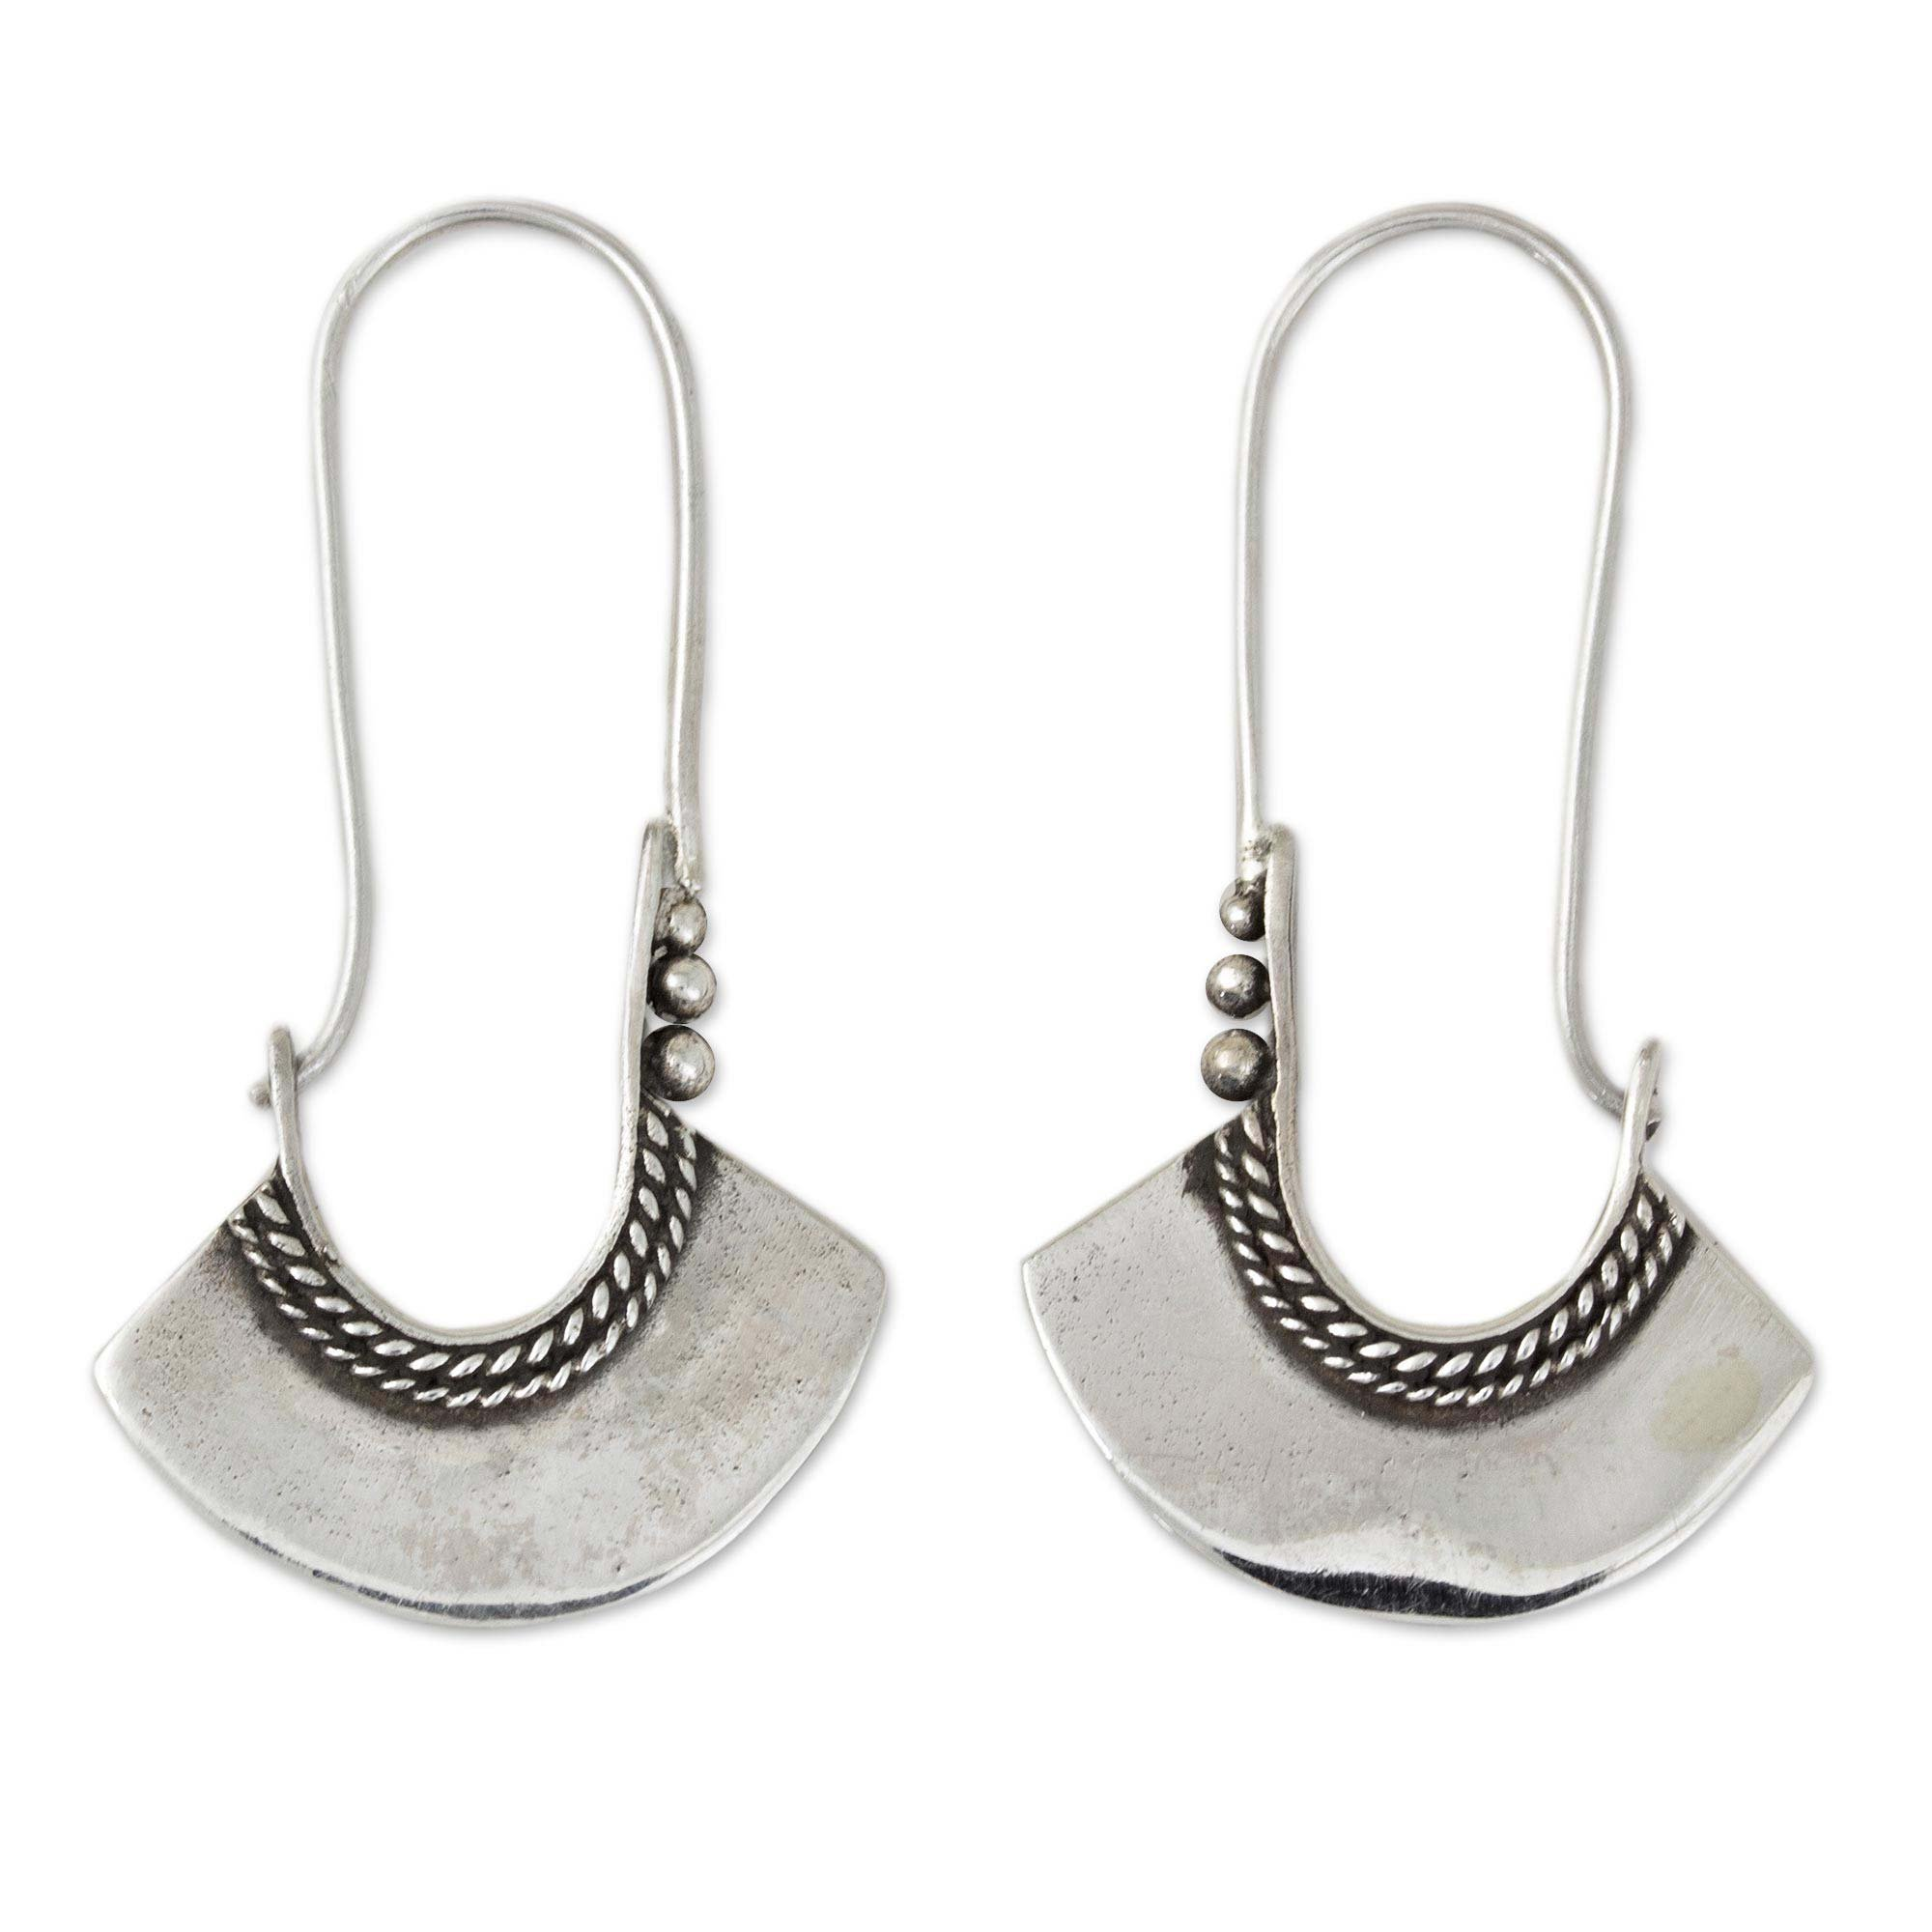 NOVICA .925 Sterling Silver Hoop Earrings with Hook Backfinding, Hollow Bell'